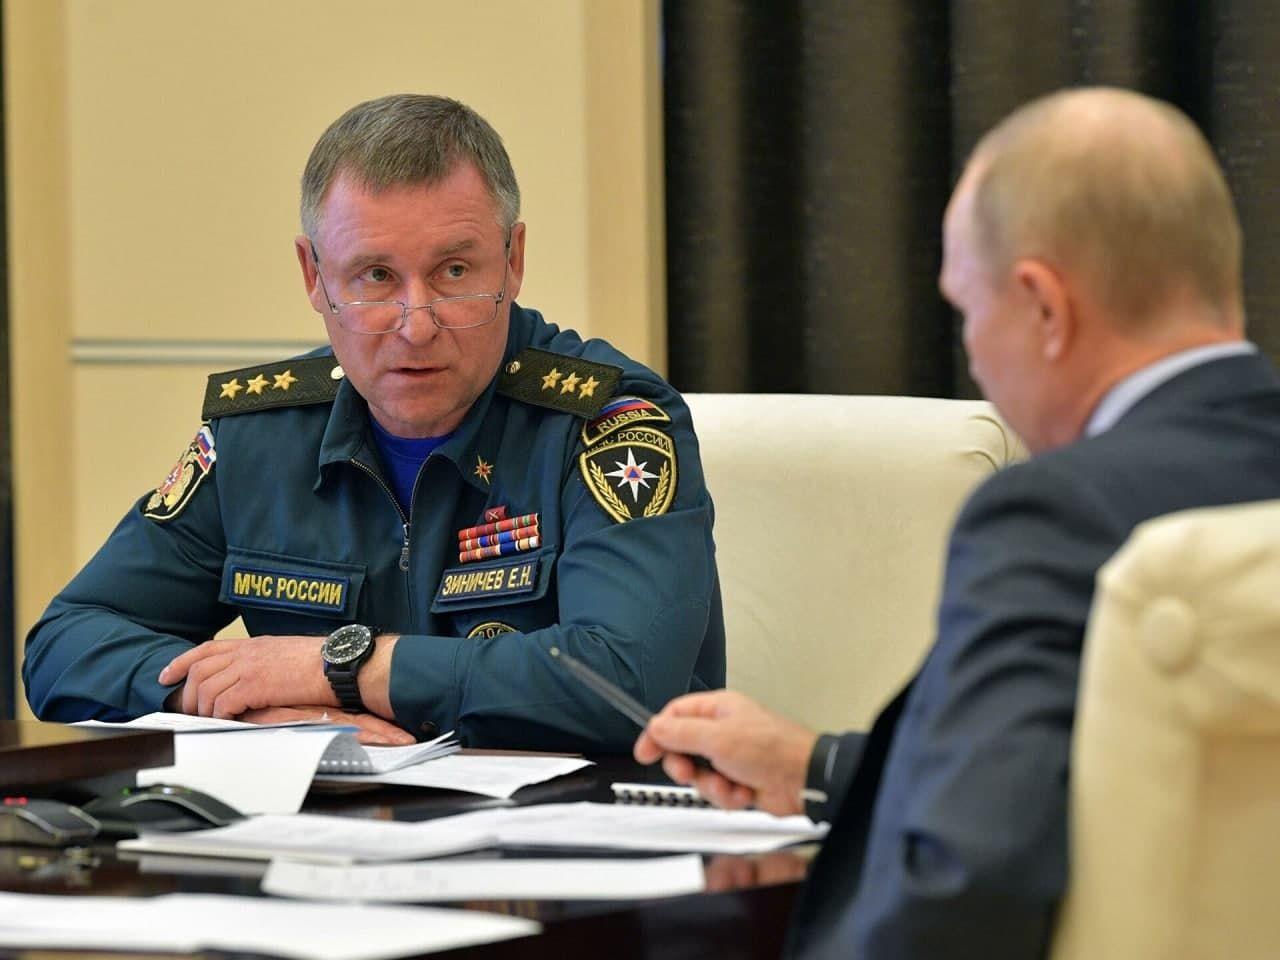 Погиб глава МЧС России, был личным адъютантом Путина и работал на ФСБ – СМИ 1